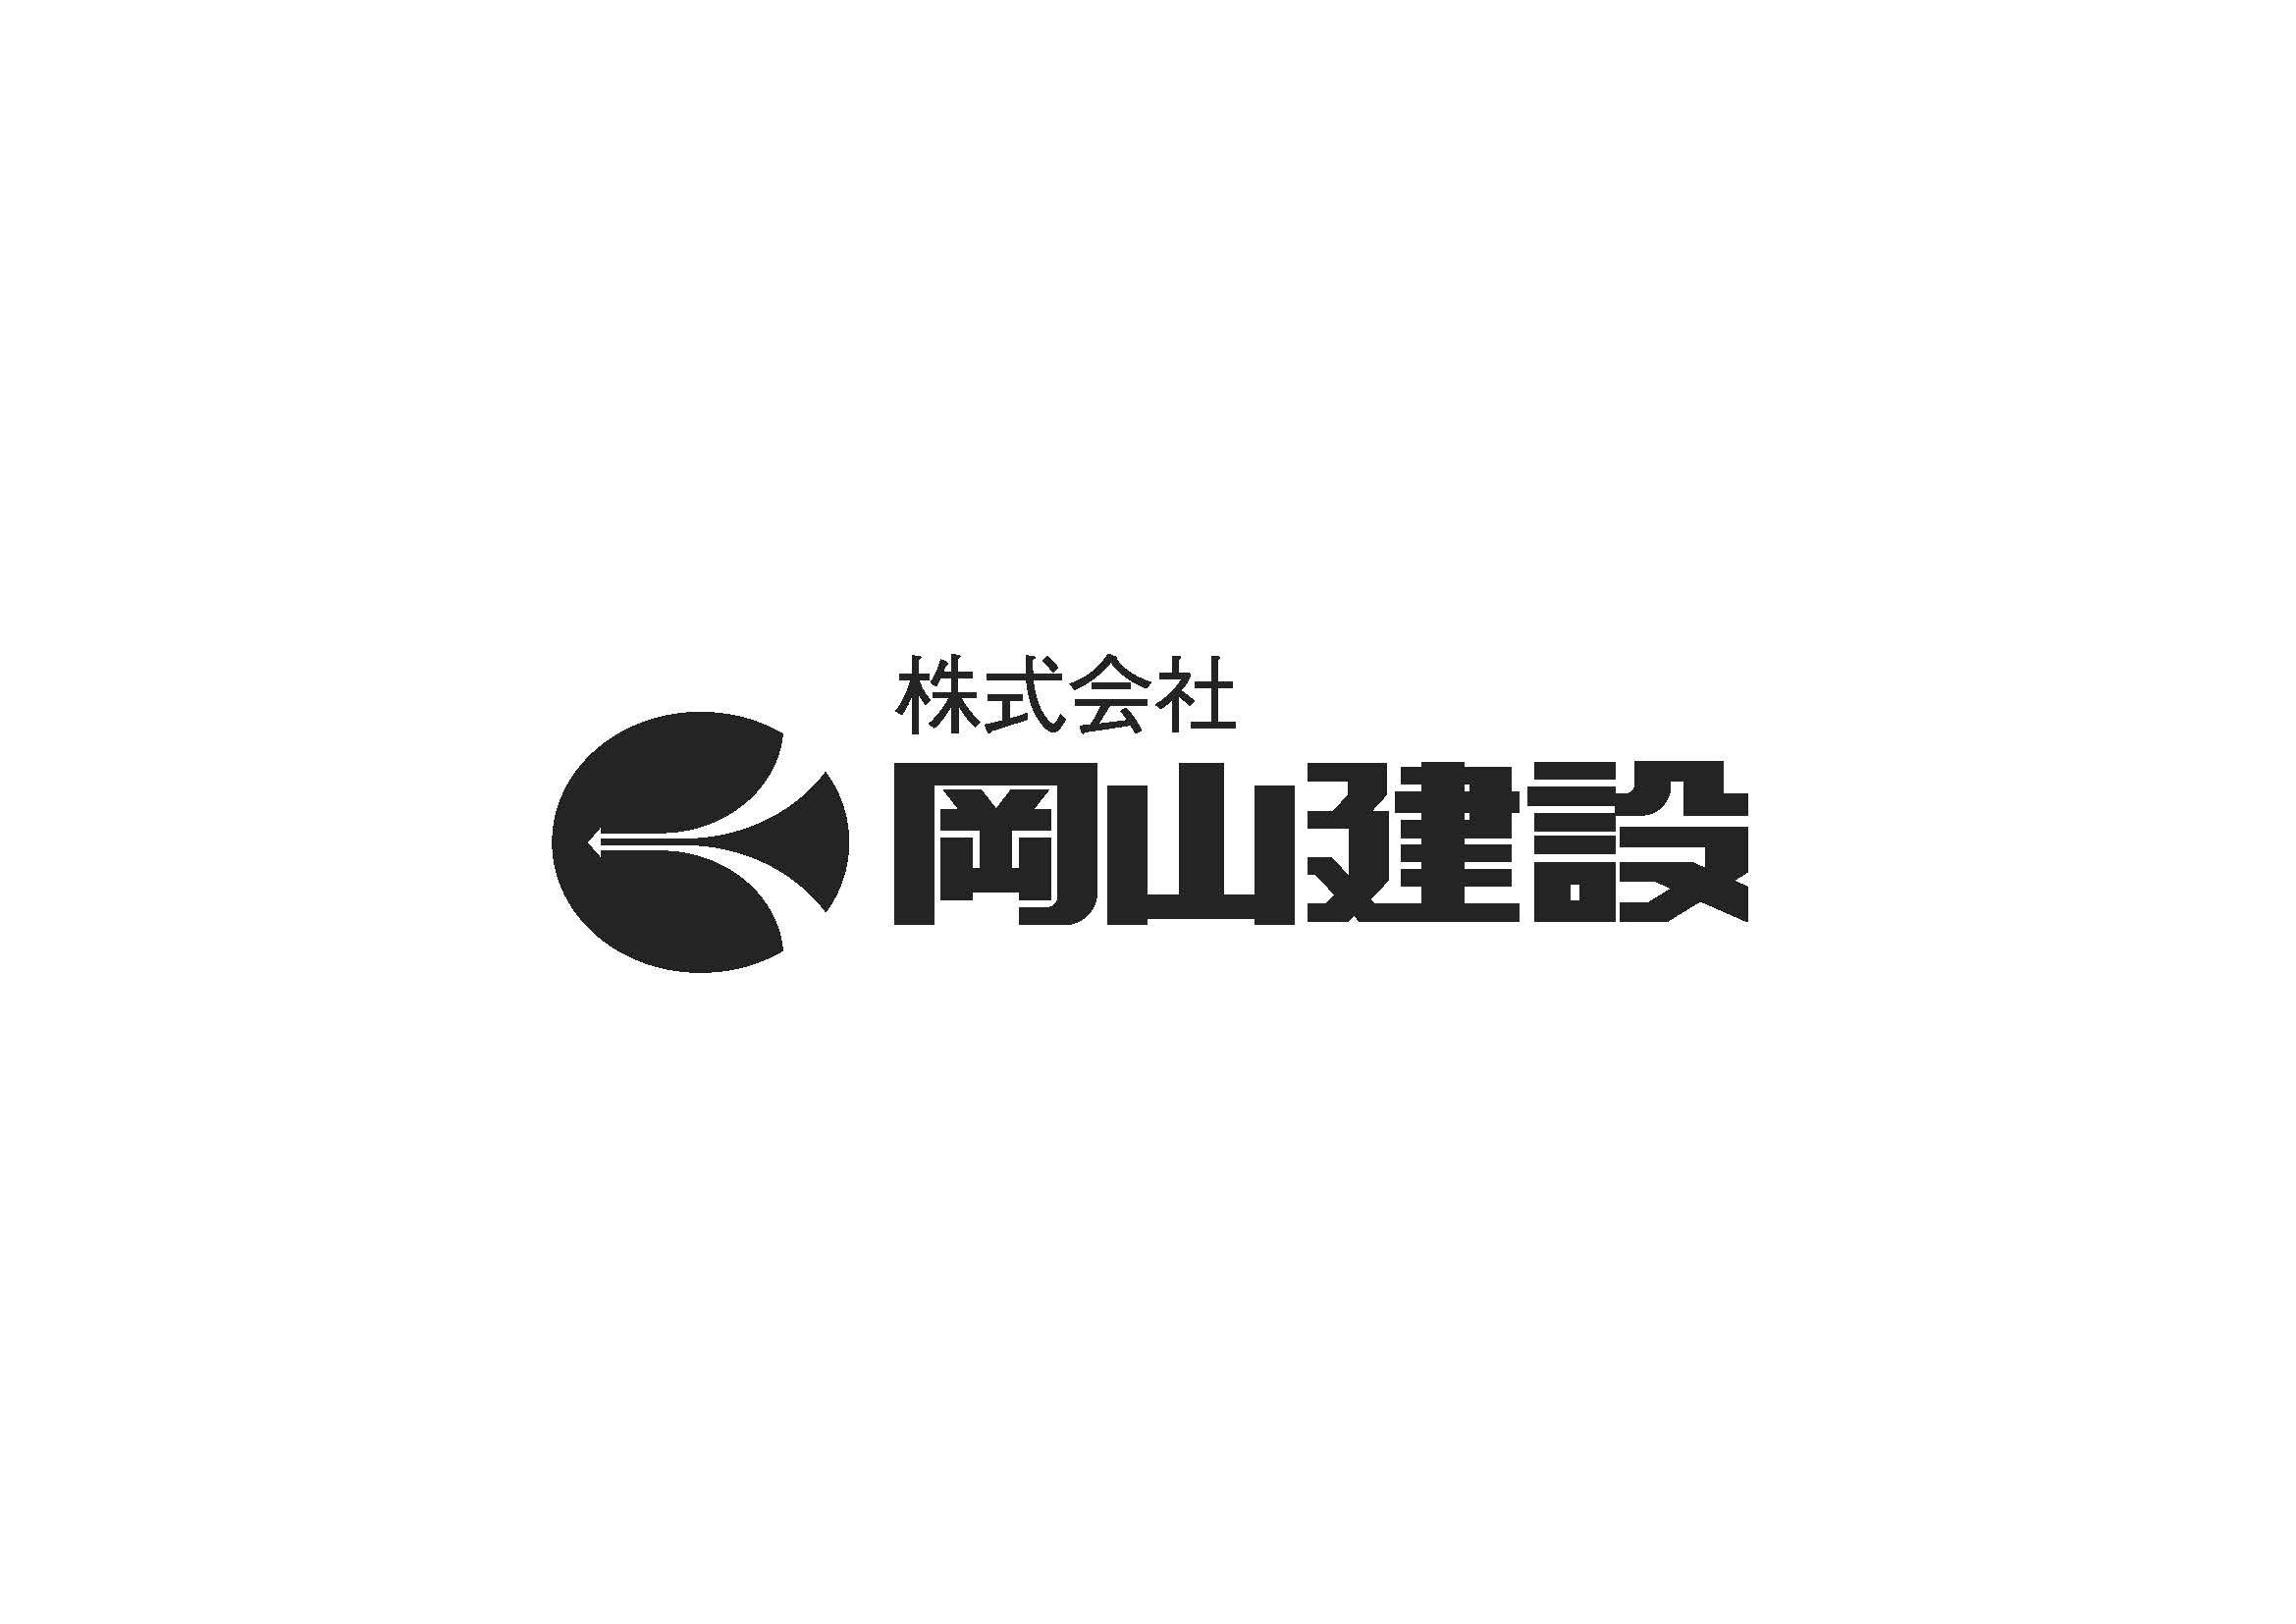 株式会社岡山建設(電気主任技術者)